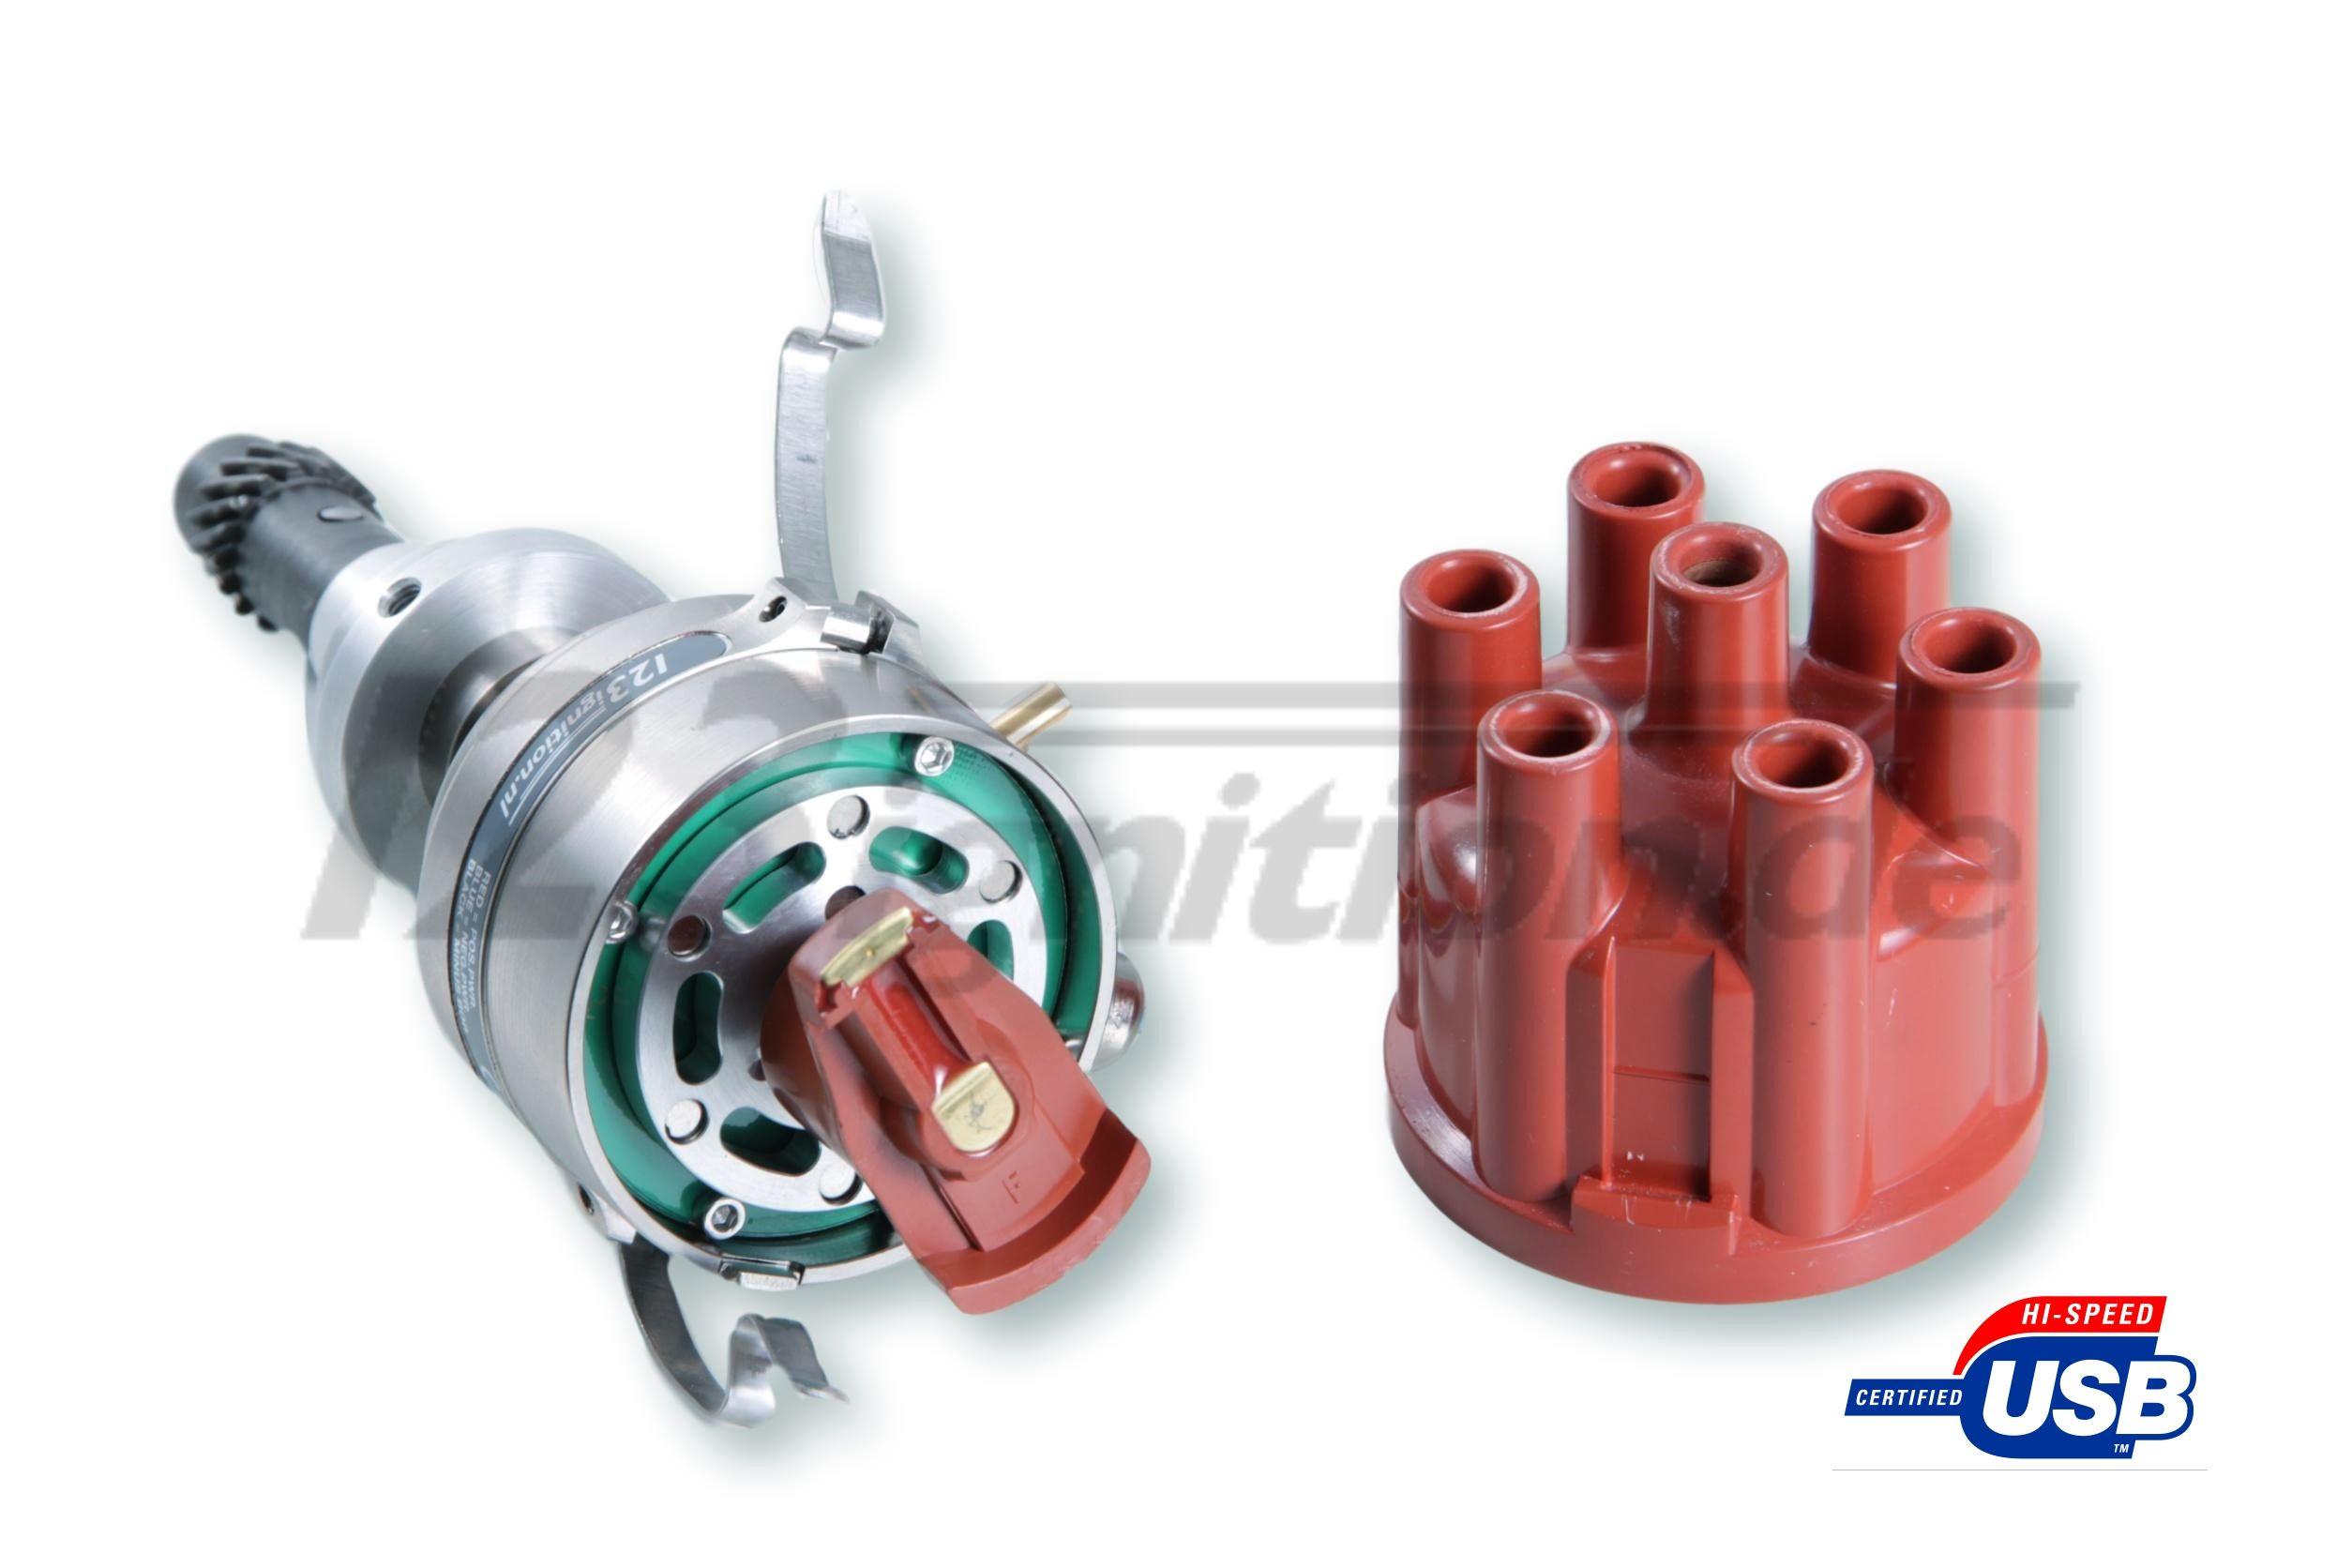 Allumeur 123 TUNE USB pour VW LT Kleintransporter DL Motor bouchon de  distributeur ouvert d83cd7f6c68e